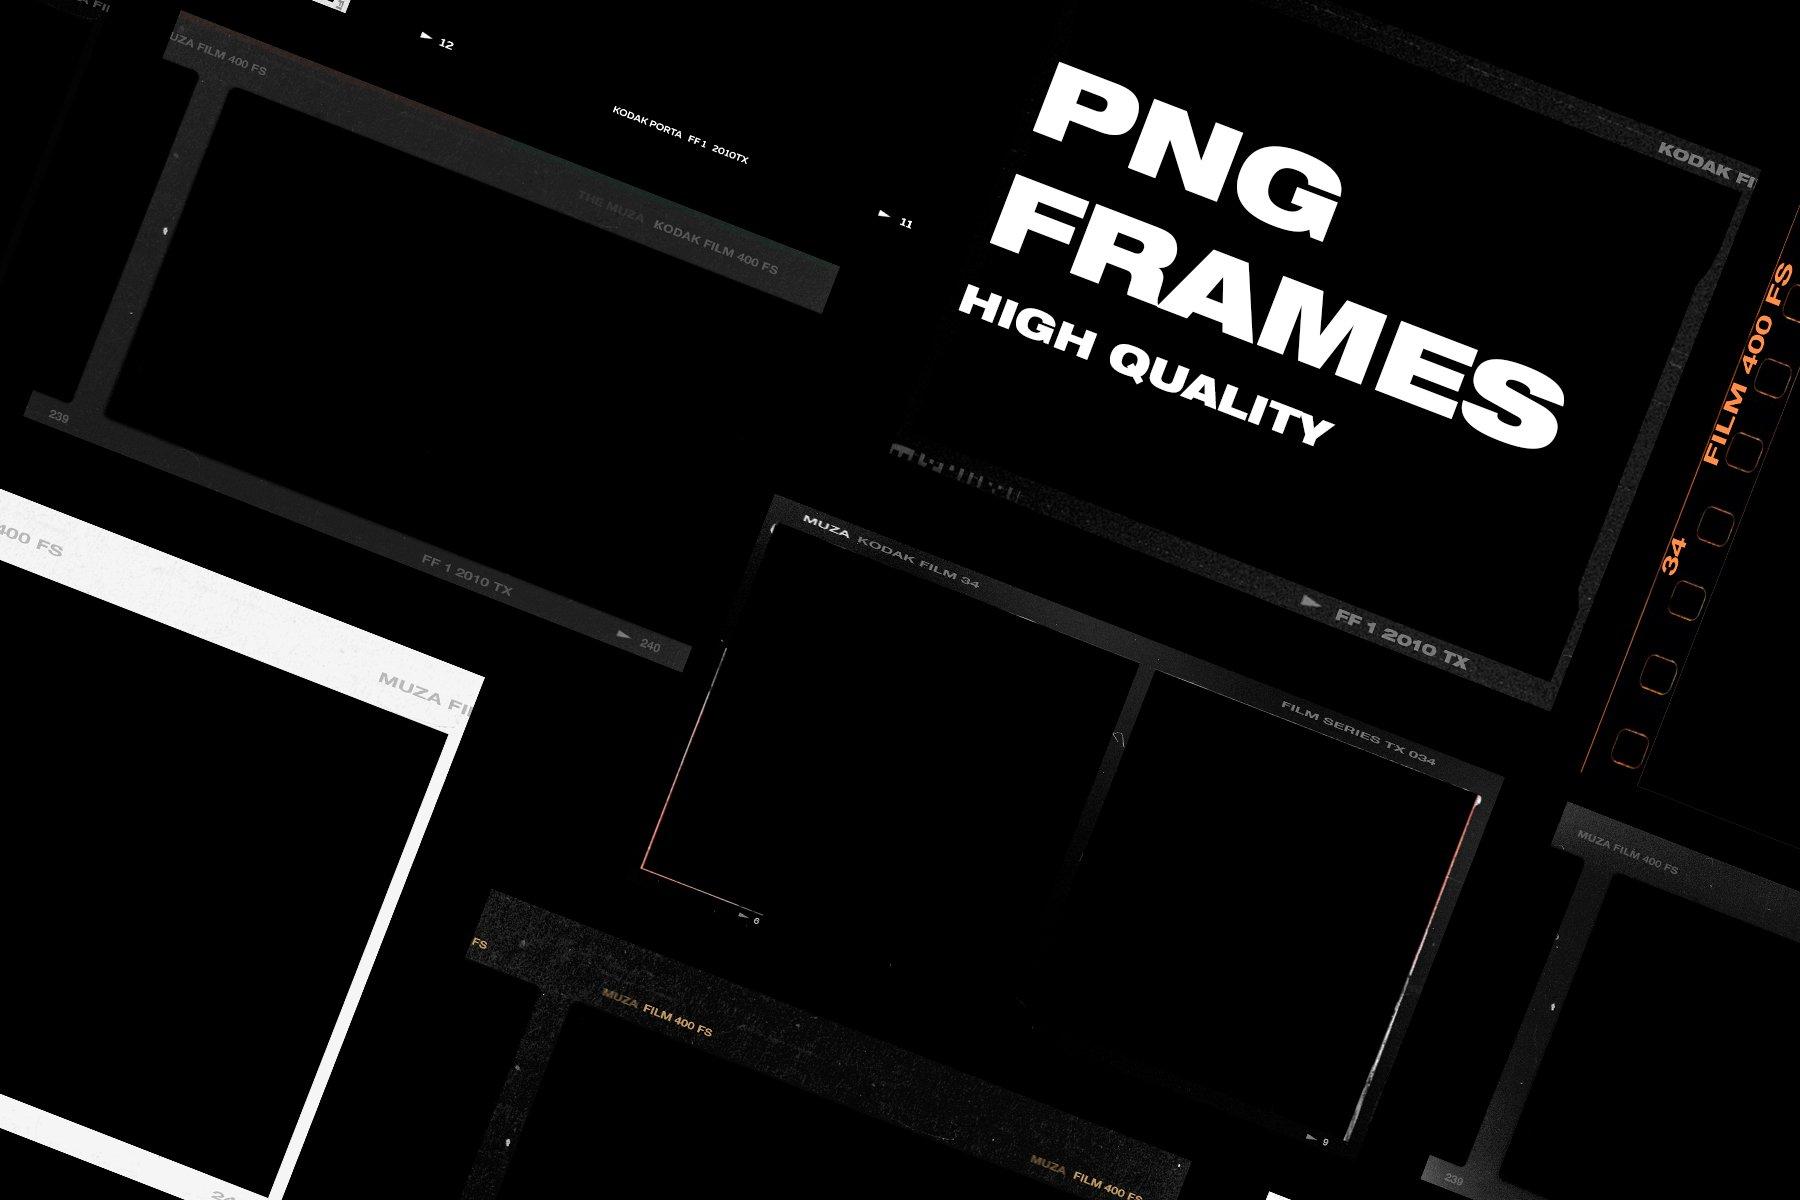 [淘宝购买] 复古做旧相机相片胶卷胶片边框图层叠加样机PS设计素材 High Quality Film Frames Creator插图(5)